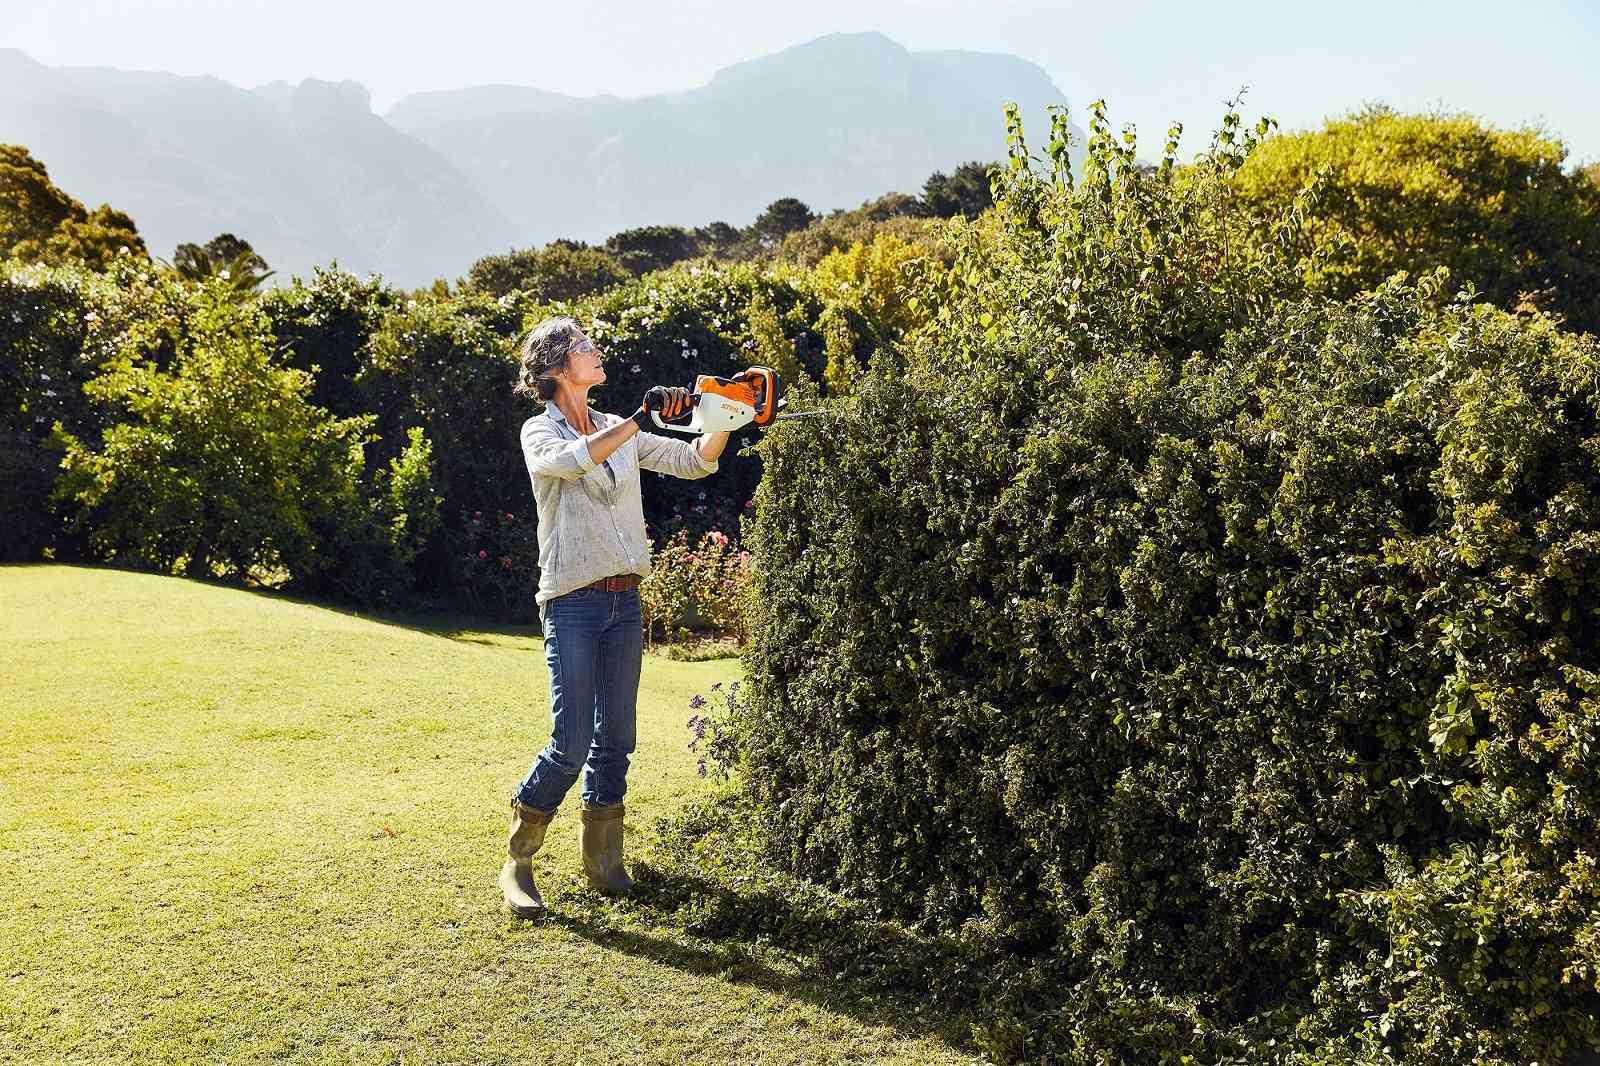 Los mejores cuidados para tu jardín este verano 16